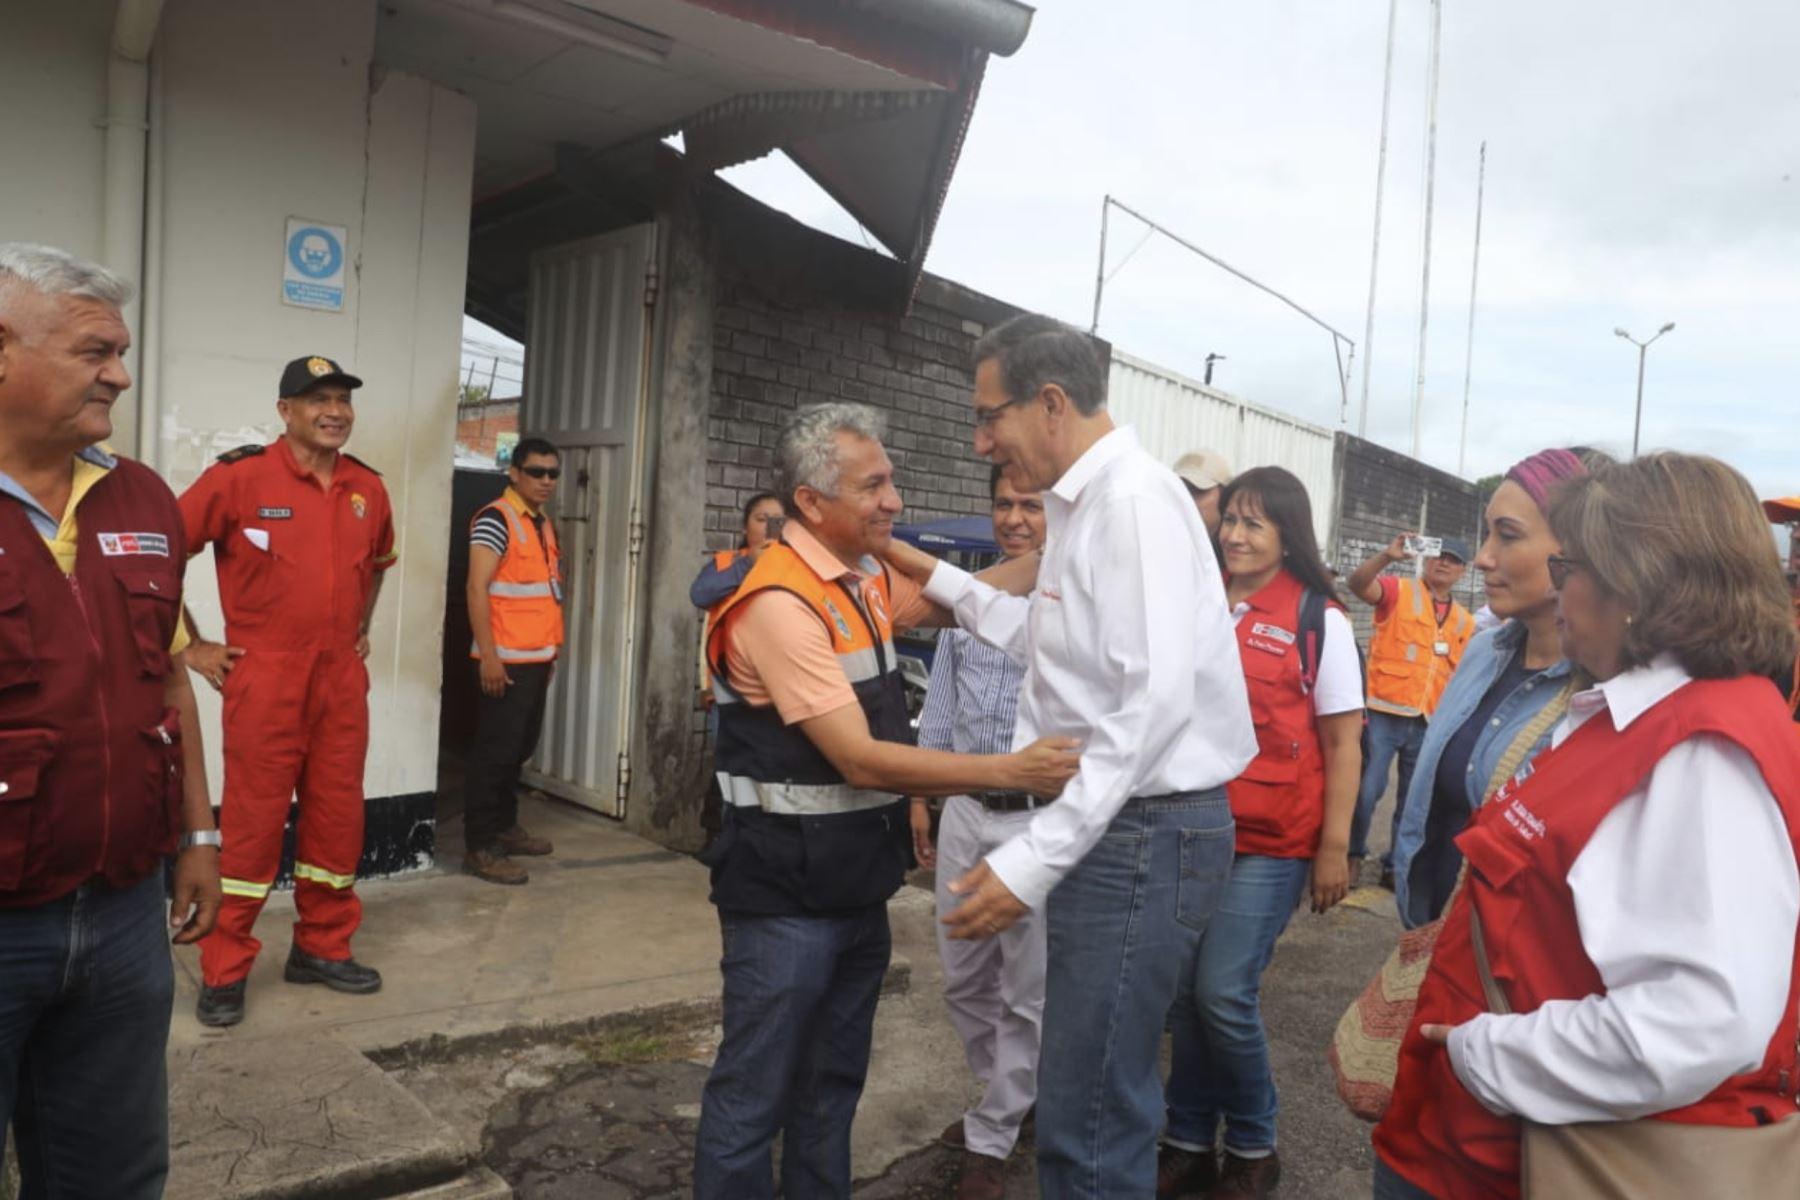 El presidente Martín Vizcarra llegó a Yurimaguas, donde verifica directamente la situación para la adopción de medidas urgentes frente a la emergencia. Foto: ANDINA/ Prensa Presidencia